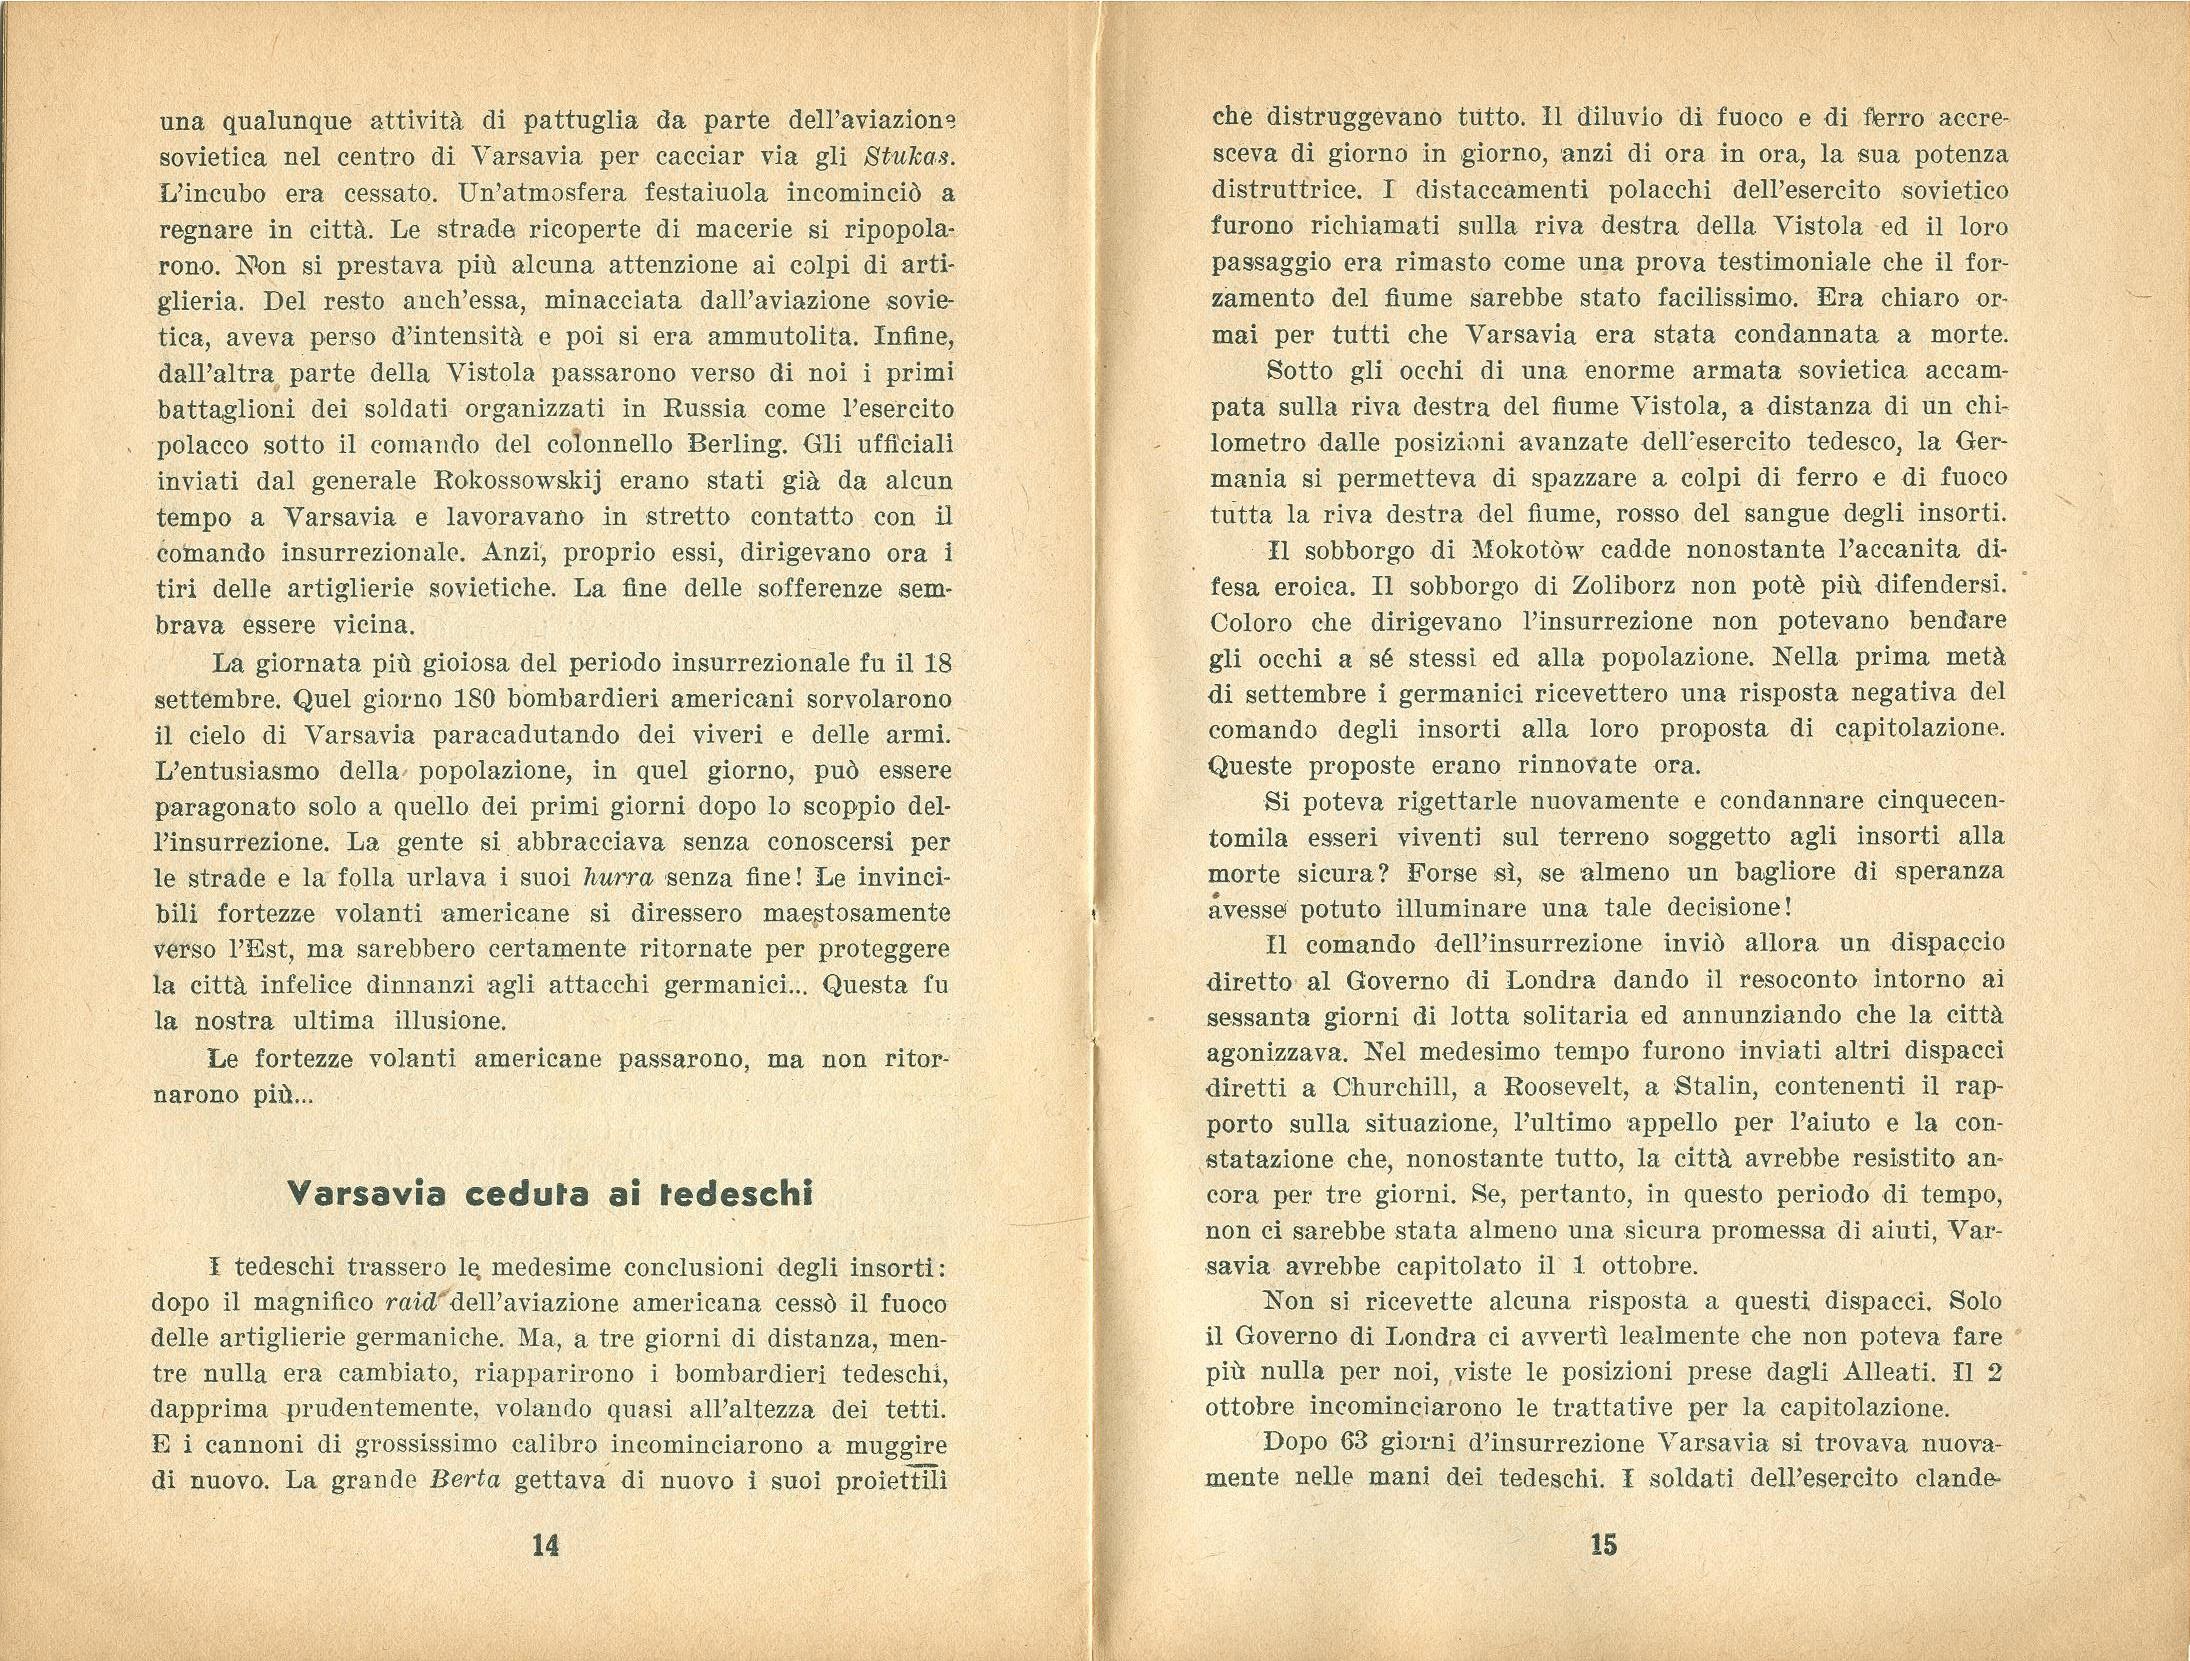 Zygmunt Zaremba, La verità sull'insurrezione di Varsavia nel 1944 (1946) - pag. 9